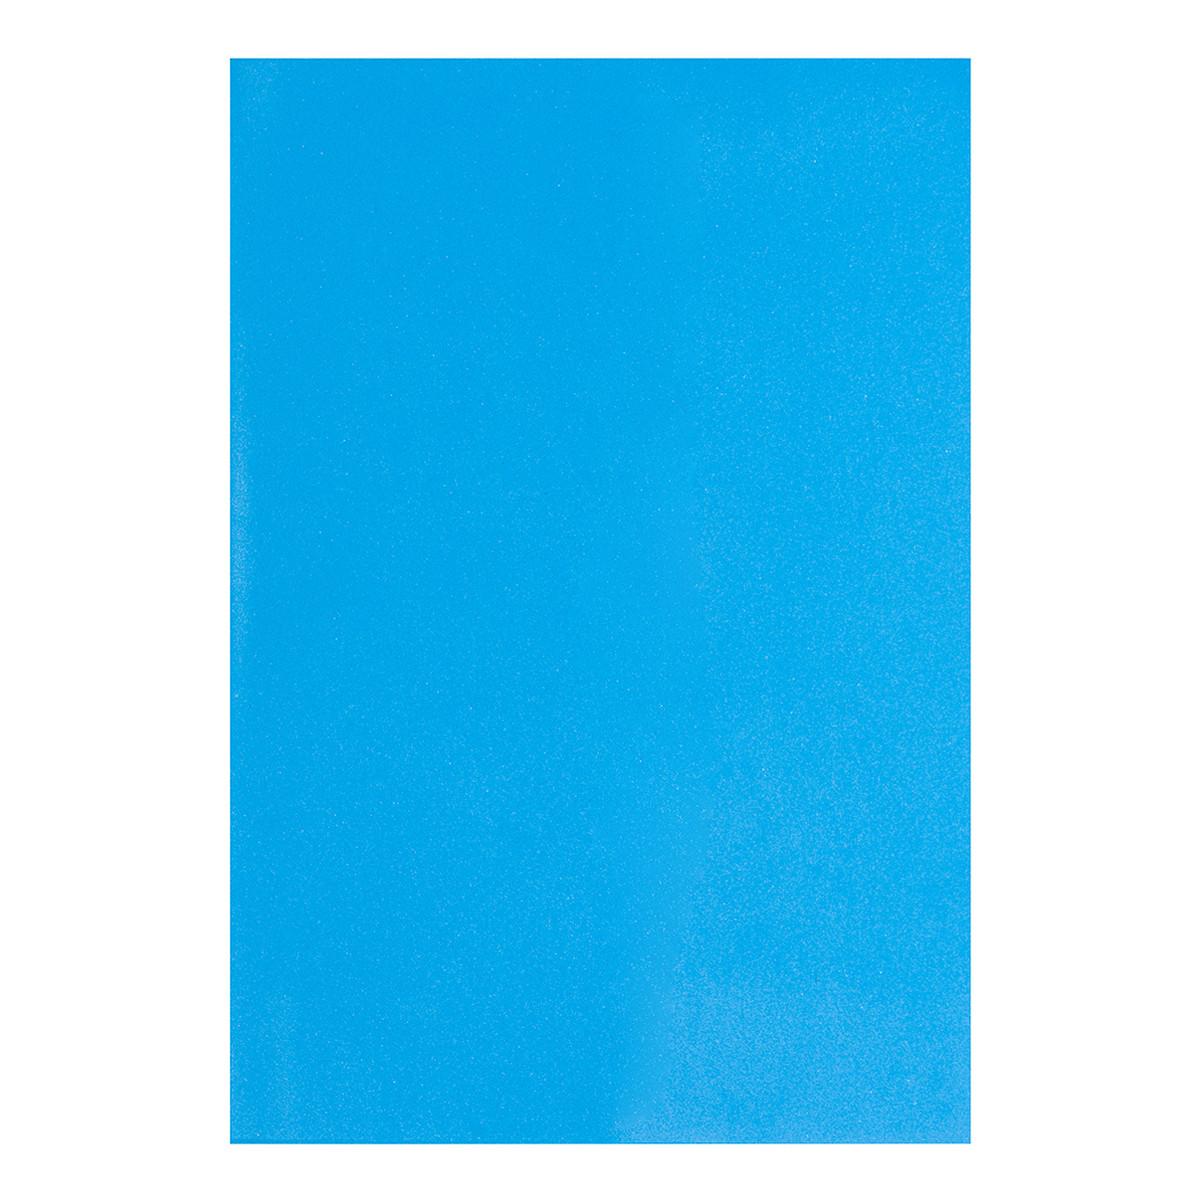 Фоамиран ЭВА ярко-голубой, 200*300 мм, толщина 1,7 мм, 10 листов